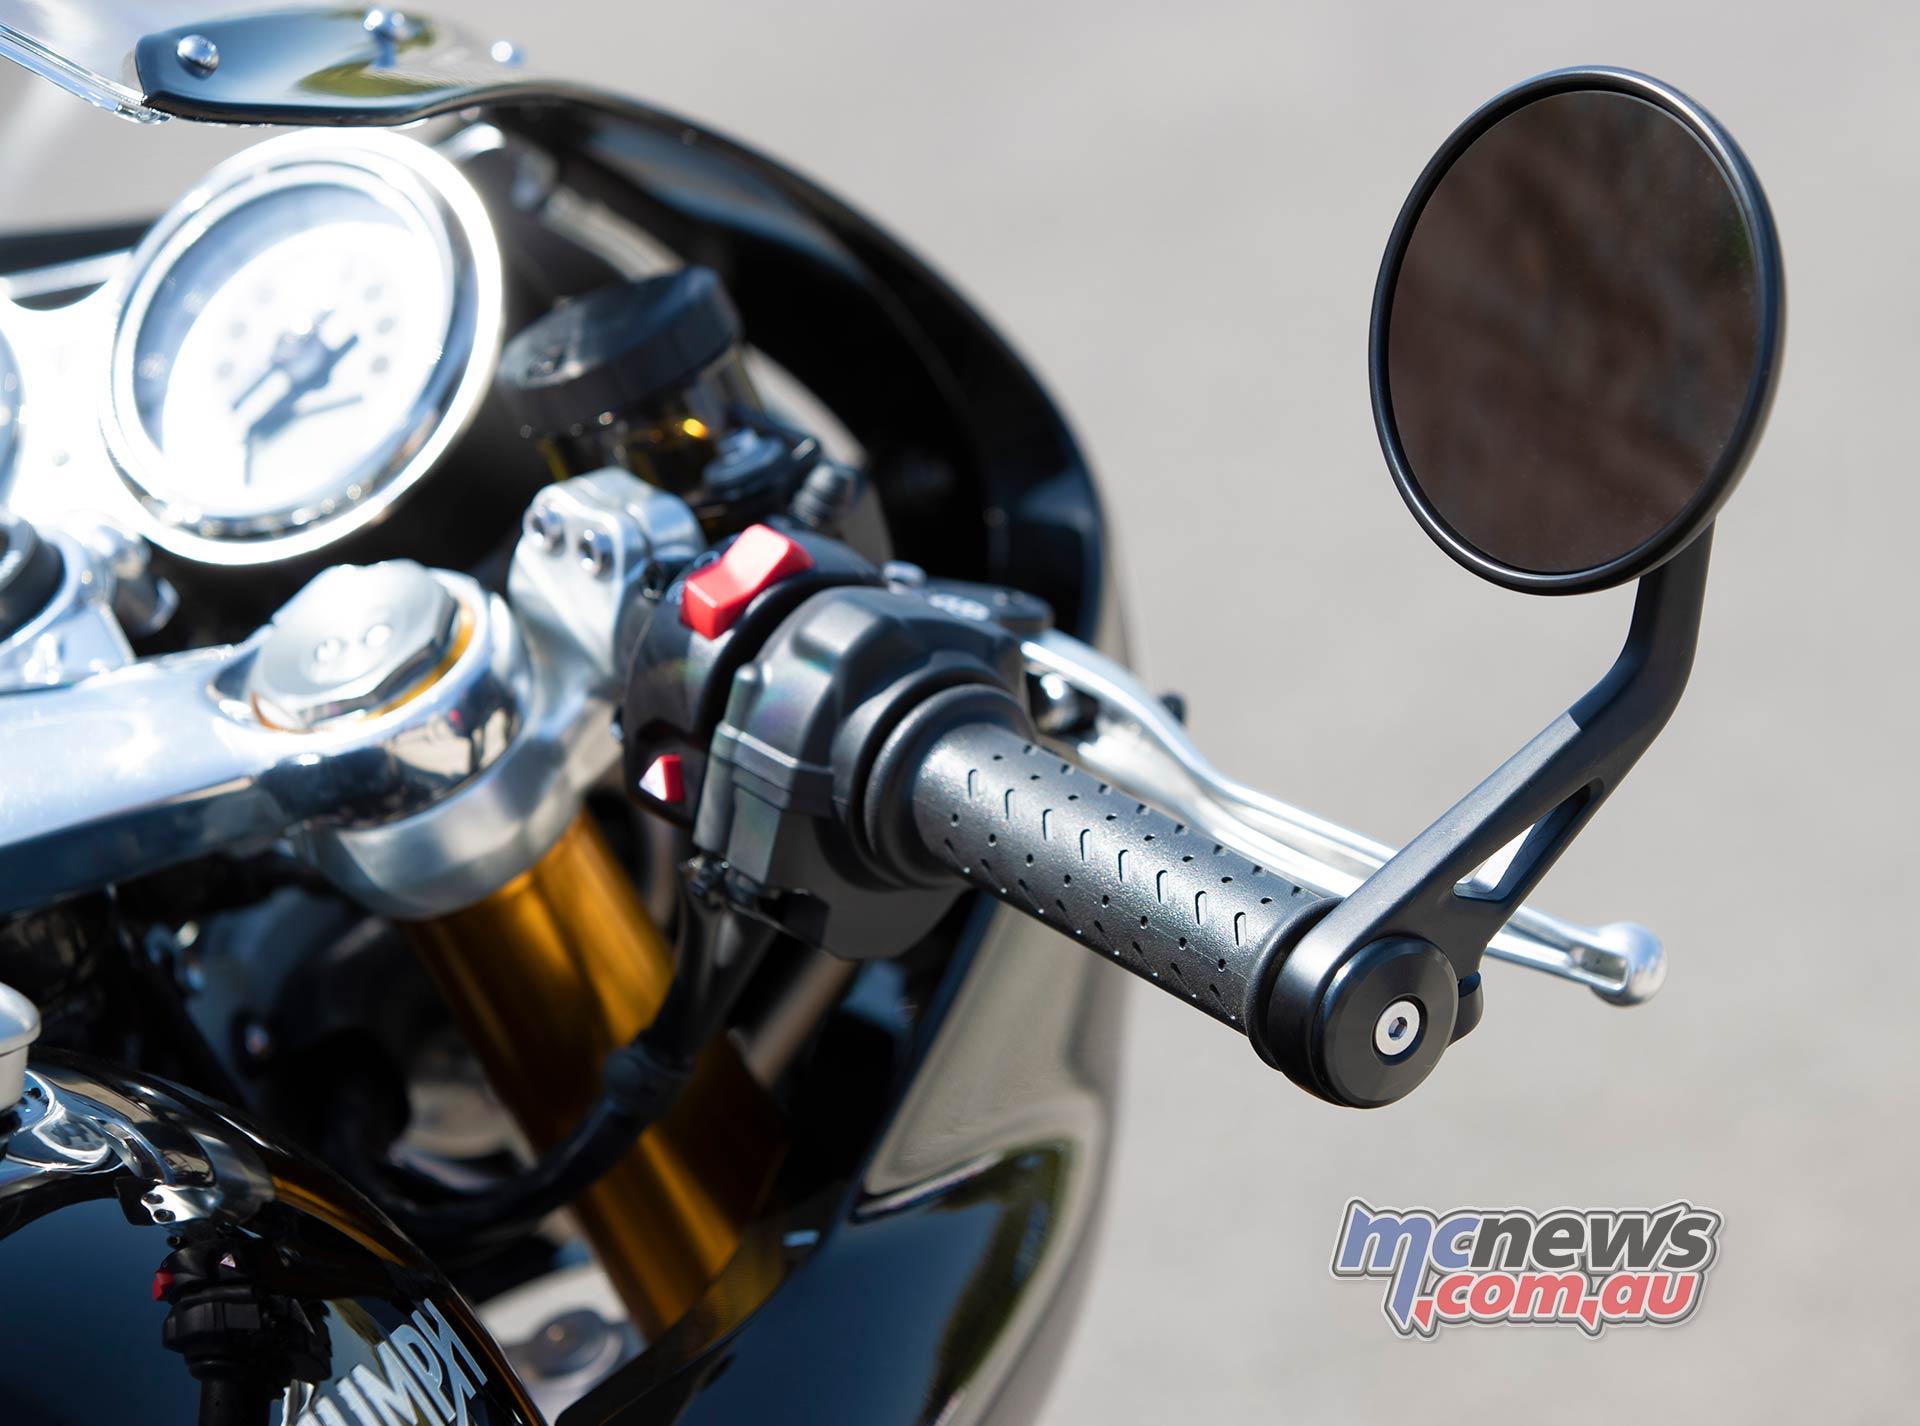 Triumph Thruxton RS Accessories ClassicMirrors